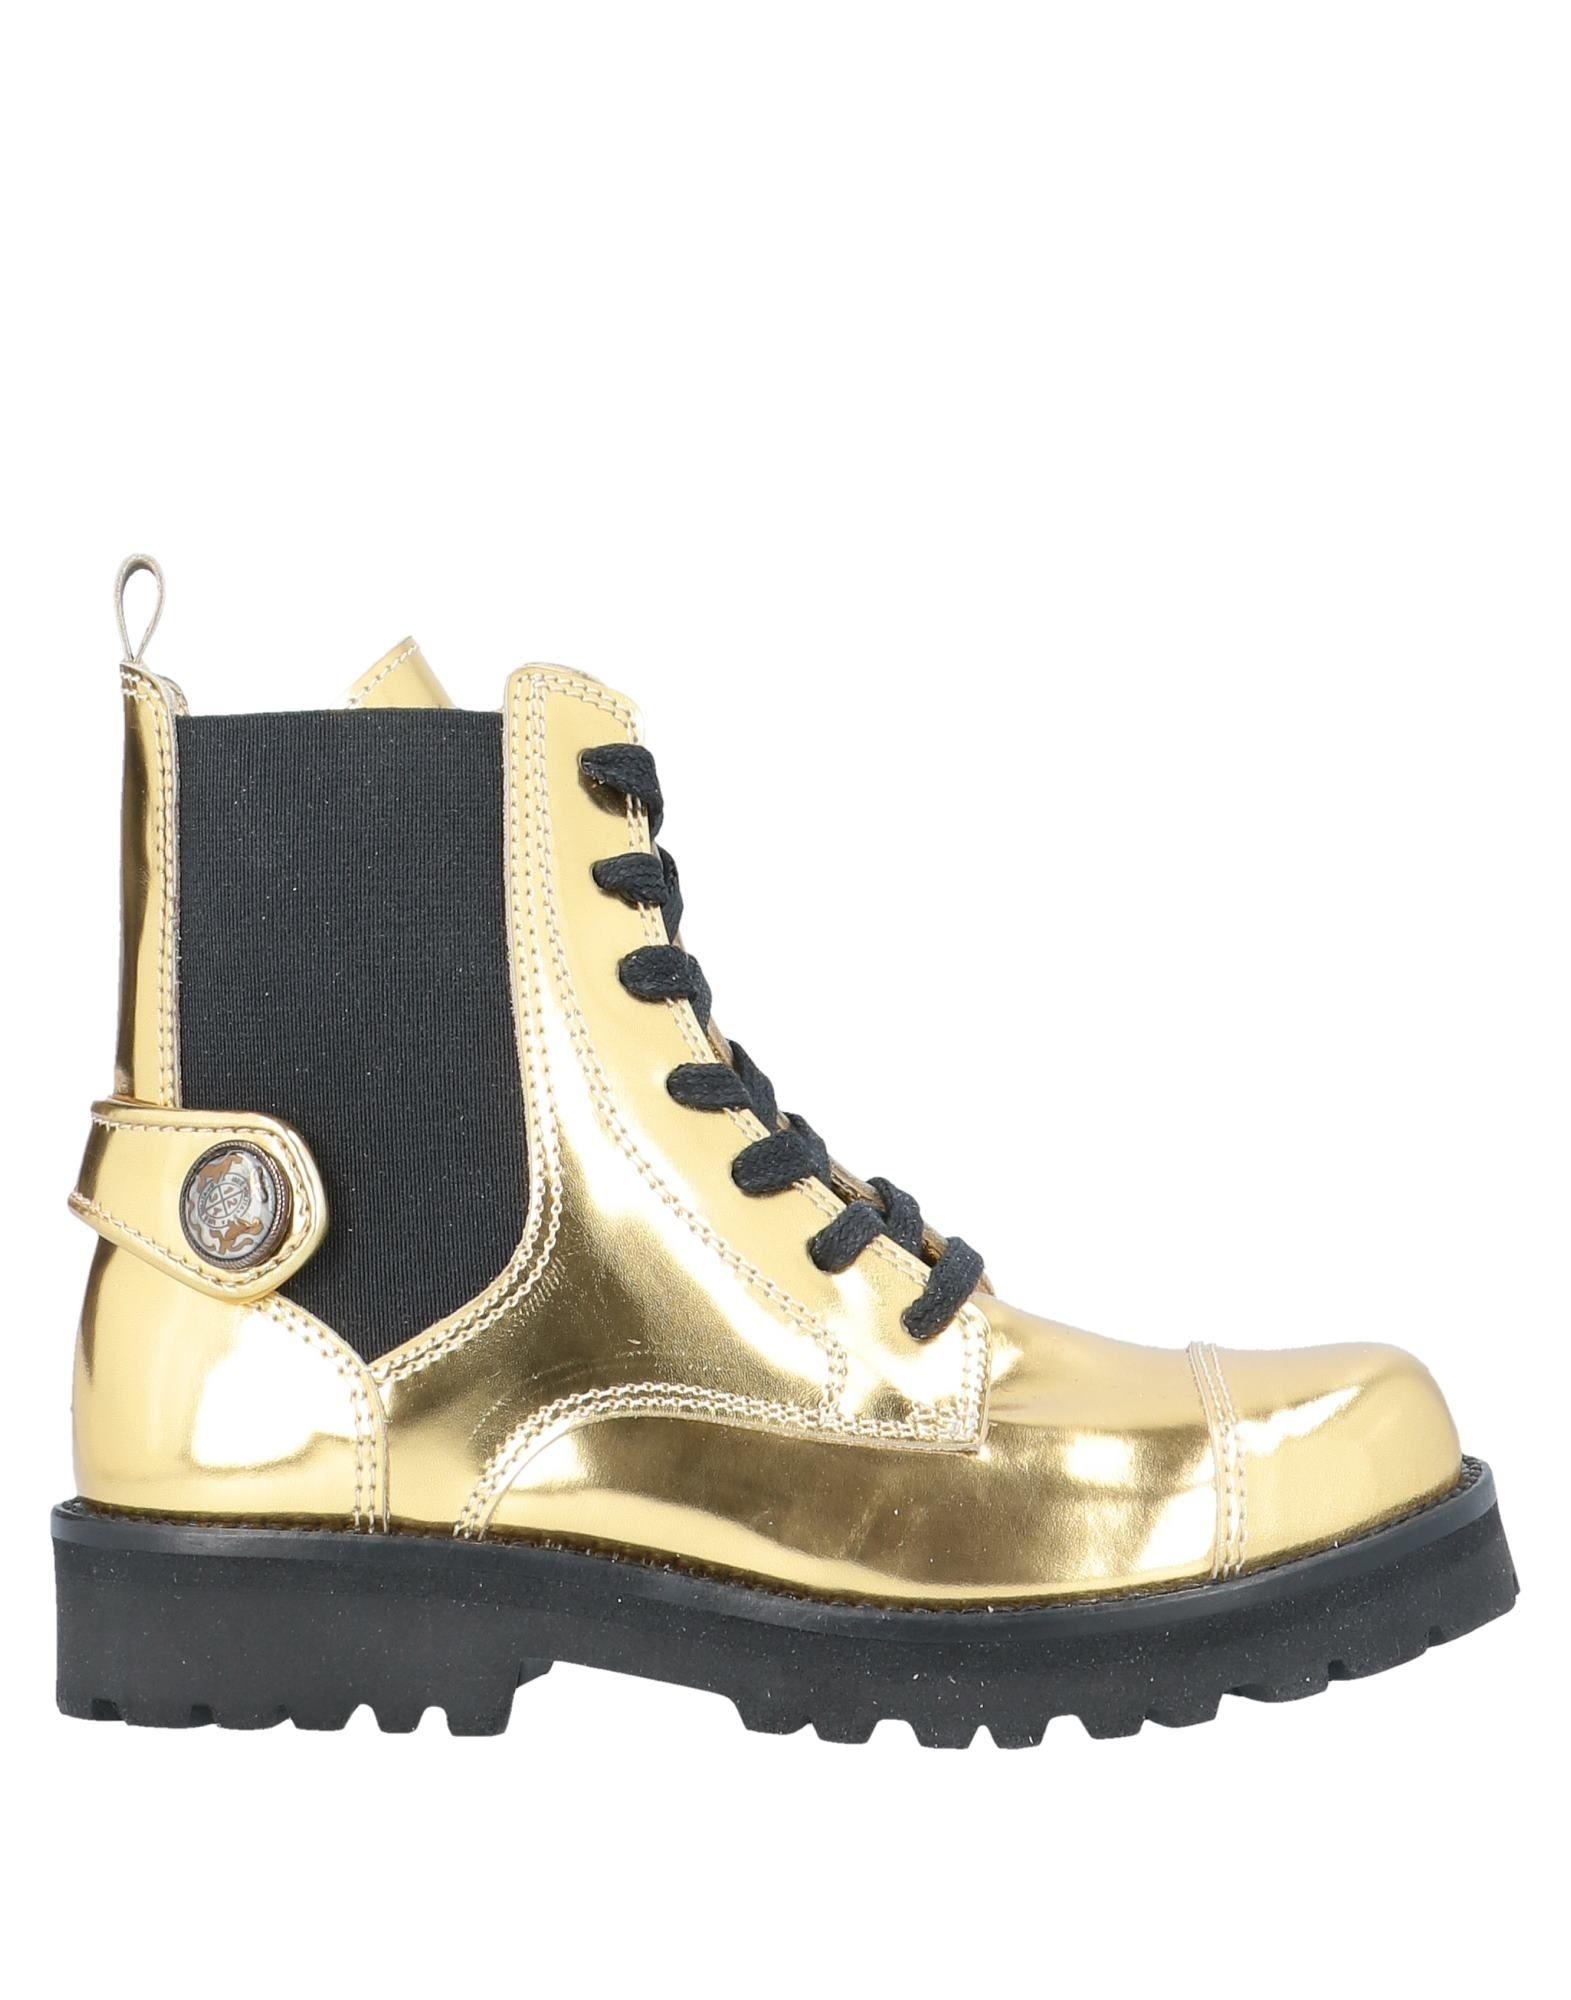 DOLCE & GABBANA   DOLCE & GABBANA Ankle Boots 11719816   Goxip